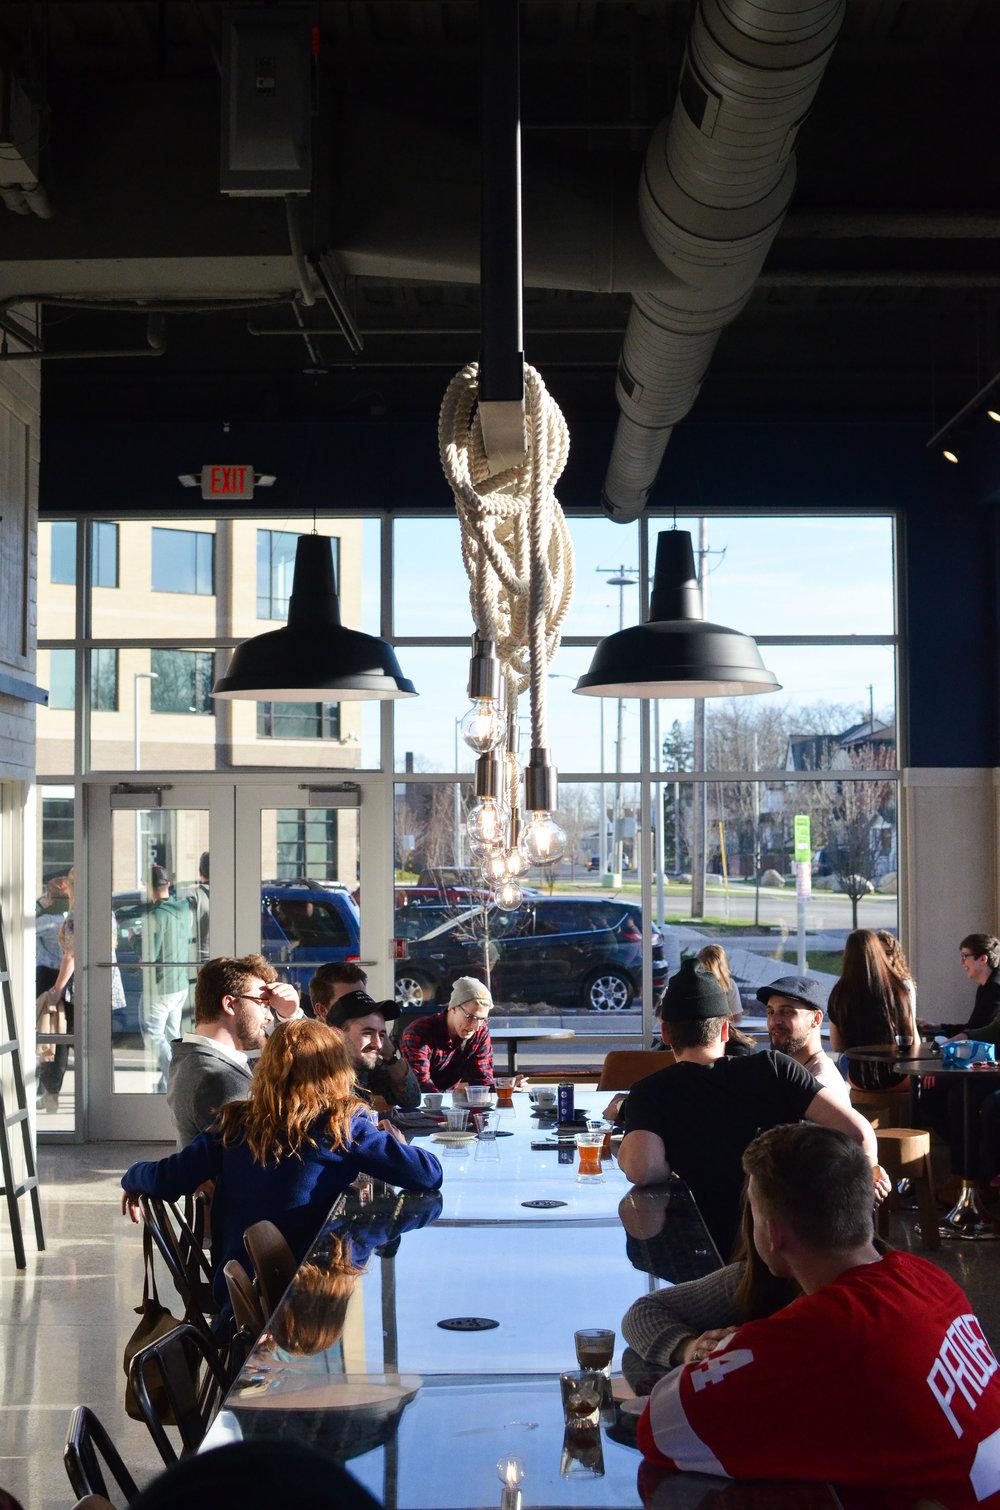 Wendling_Boyd_Rowers_Club_Coffee_Shop-2.jpg